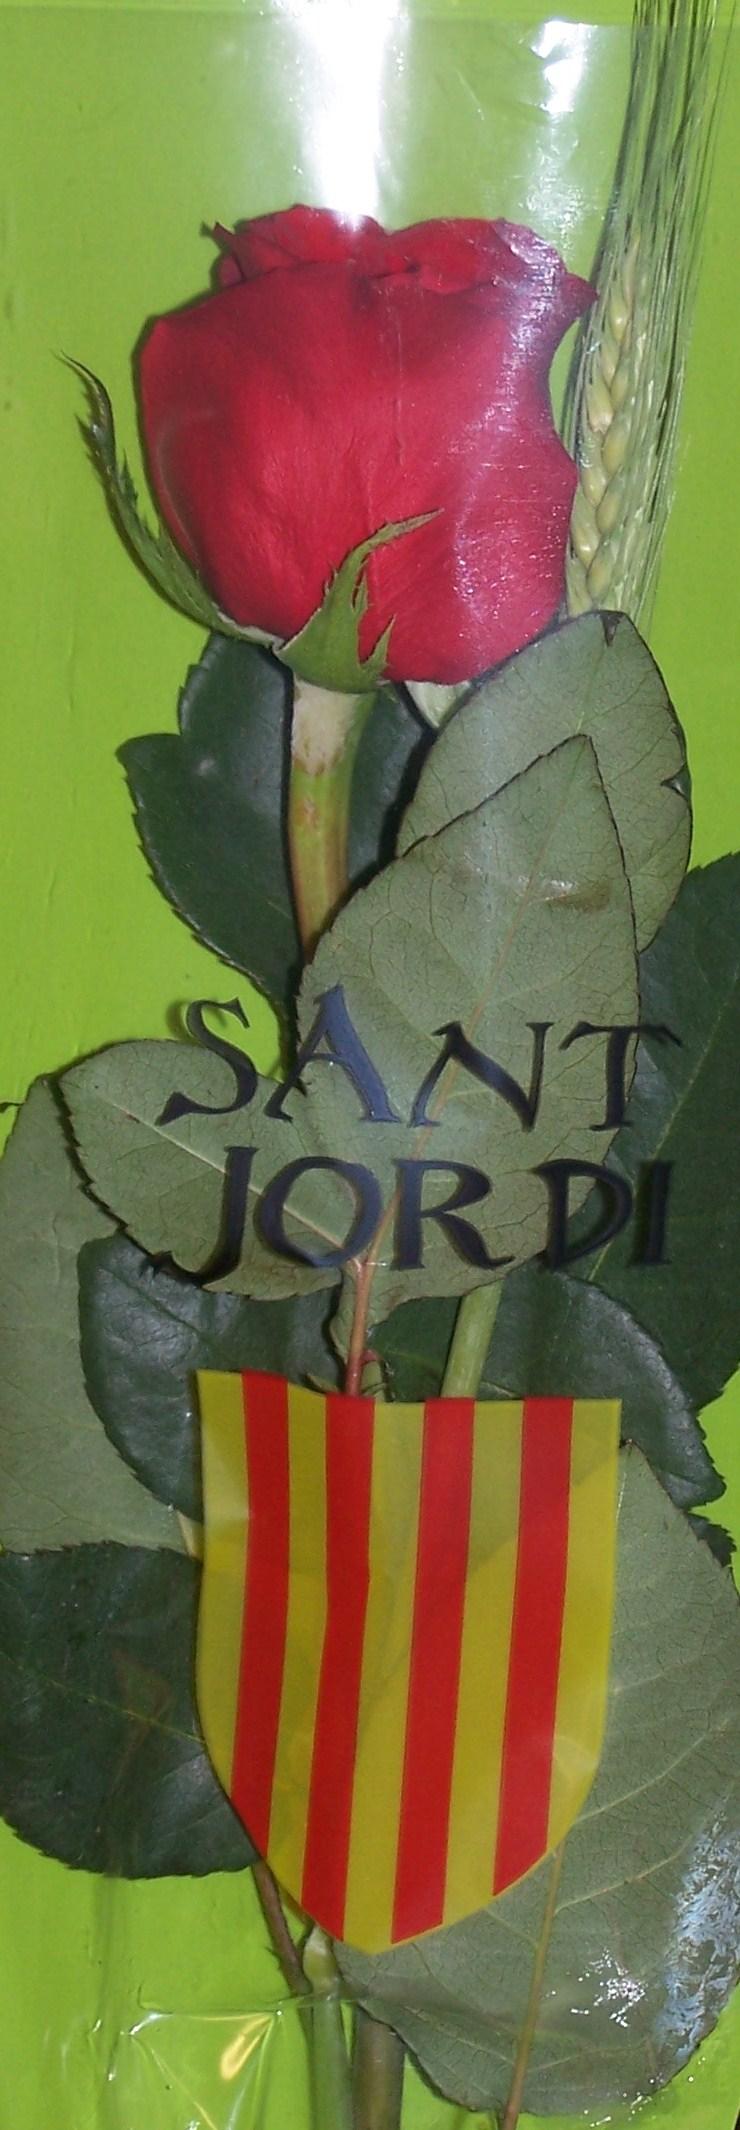 Une rose pour Sant Jordi - Barcelone